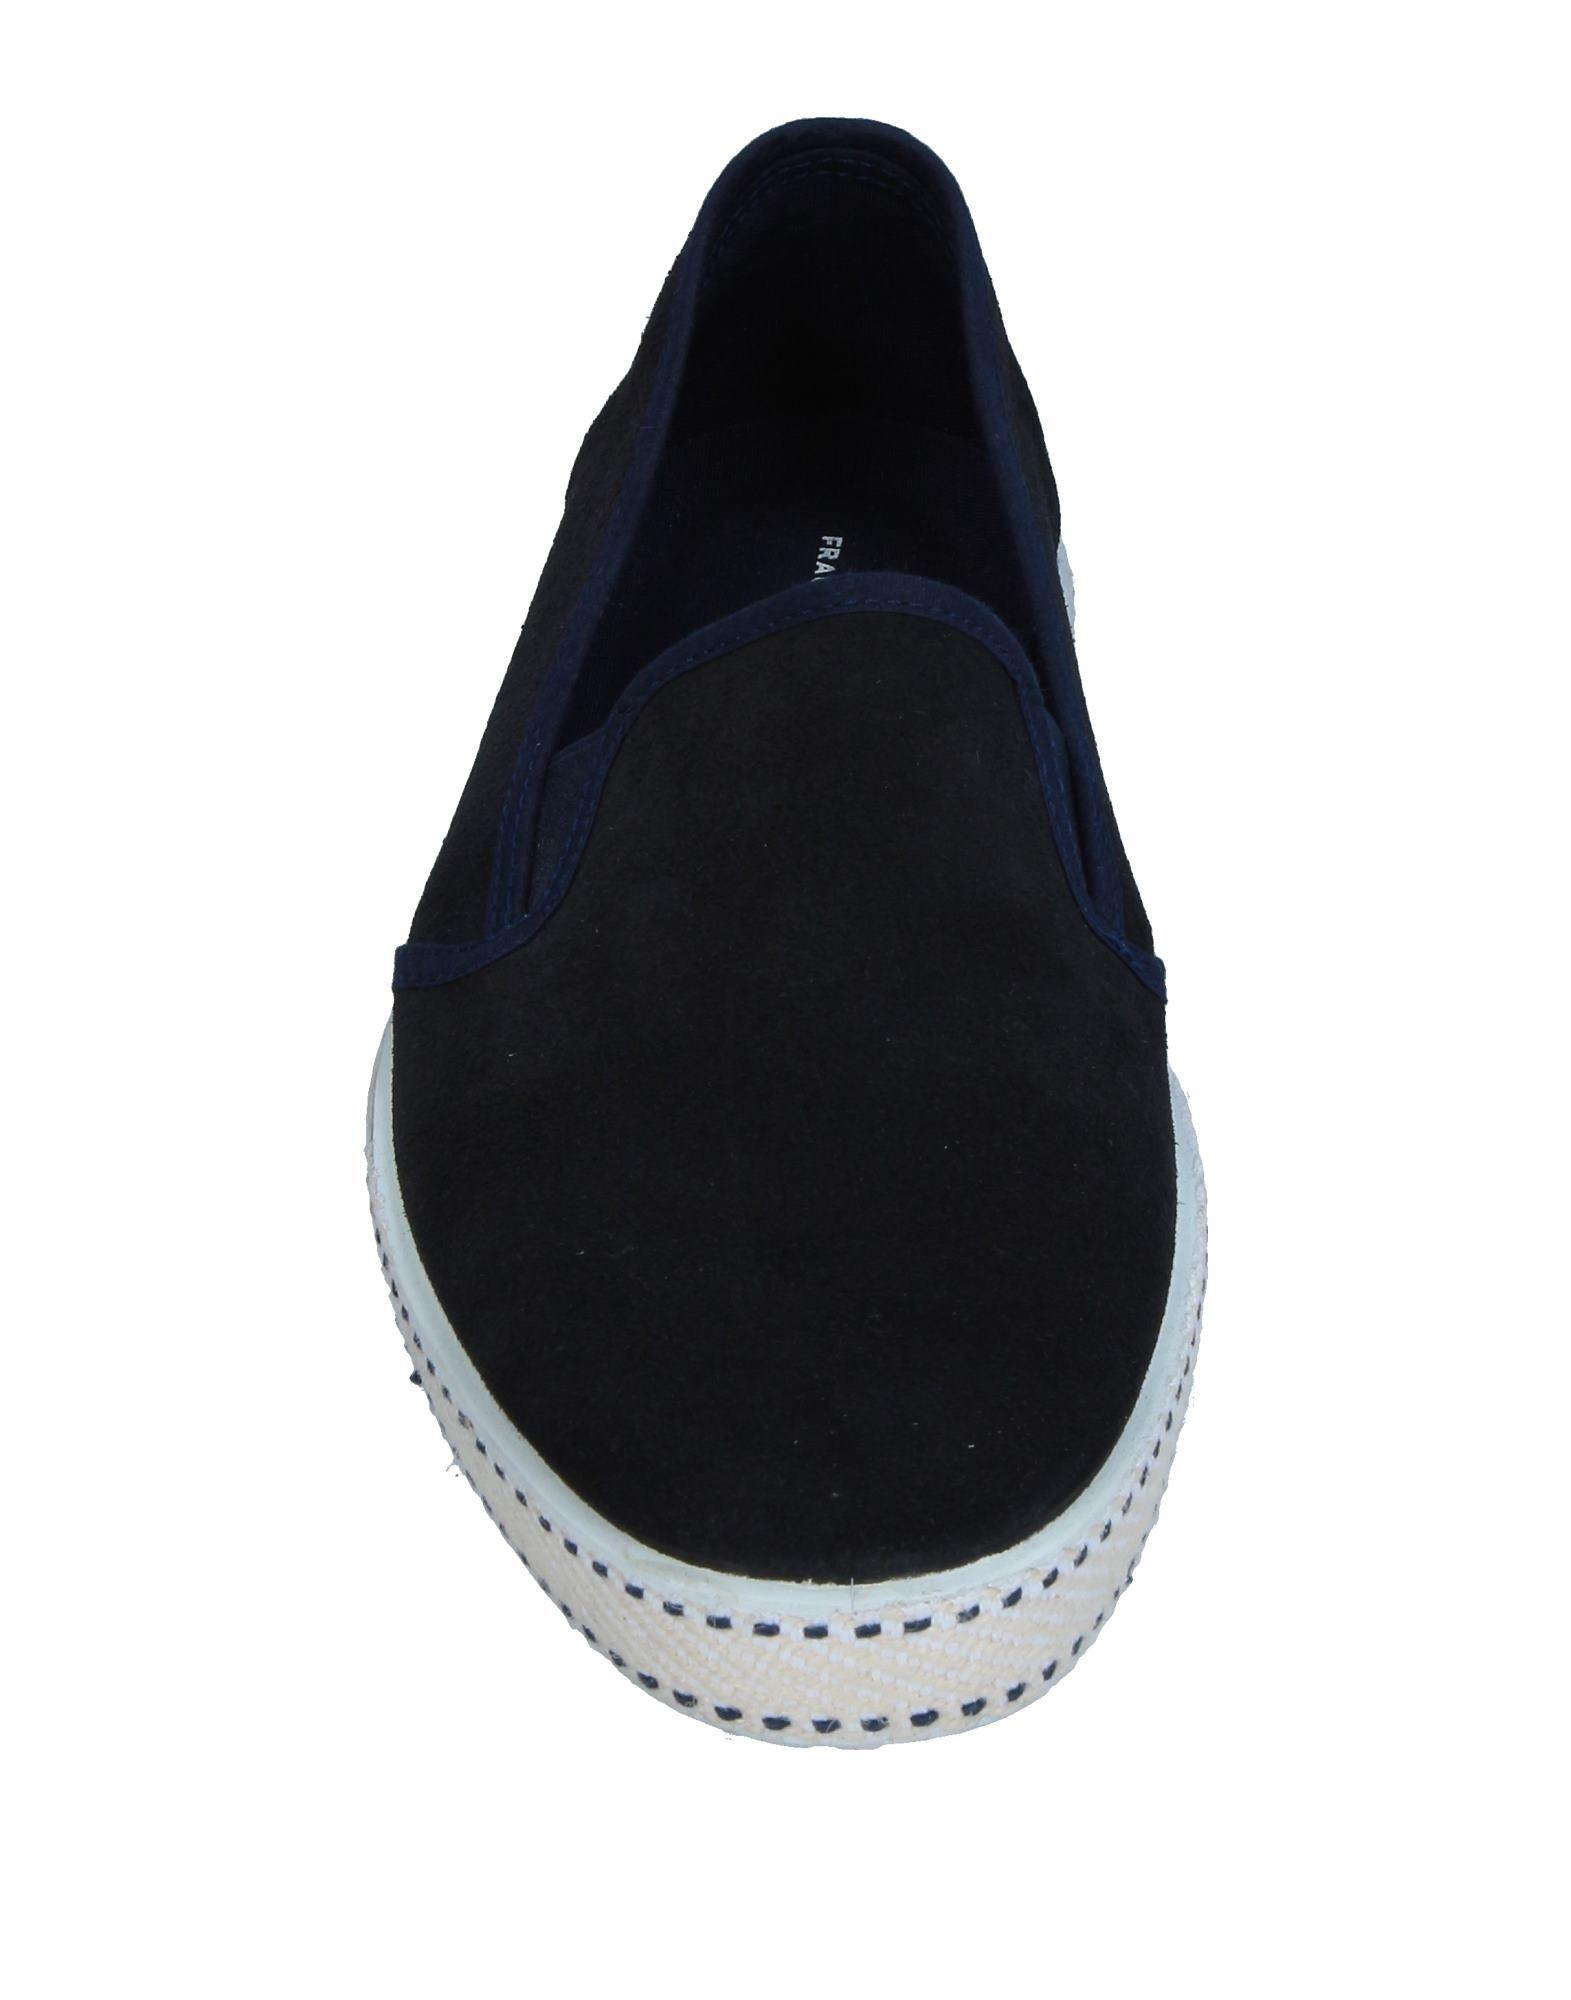 Frau Sneakers Sneakers Frau Herren  11359833AJ 697284